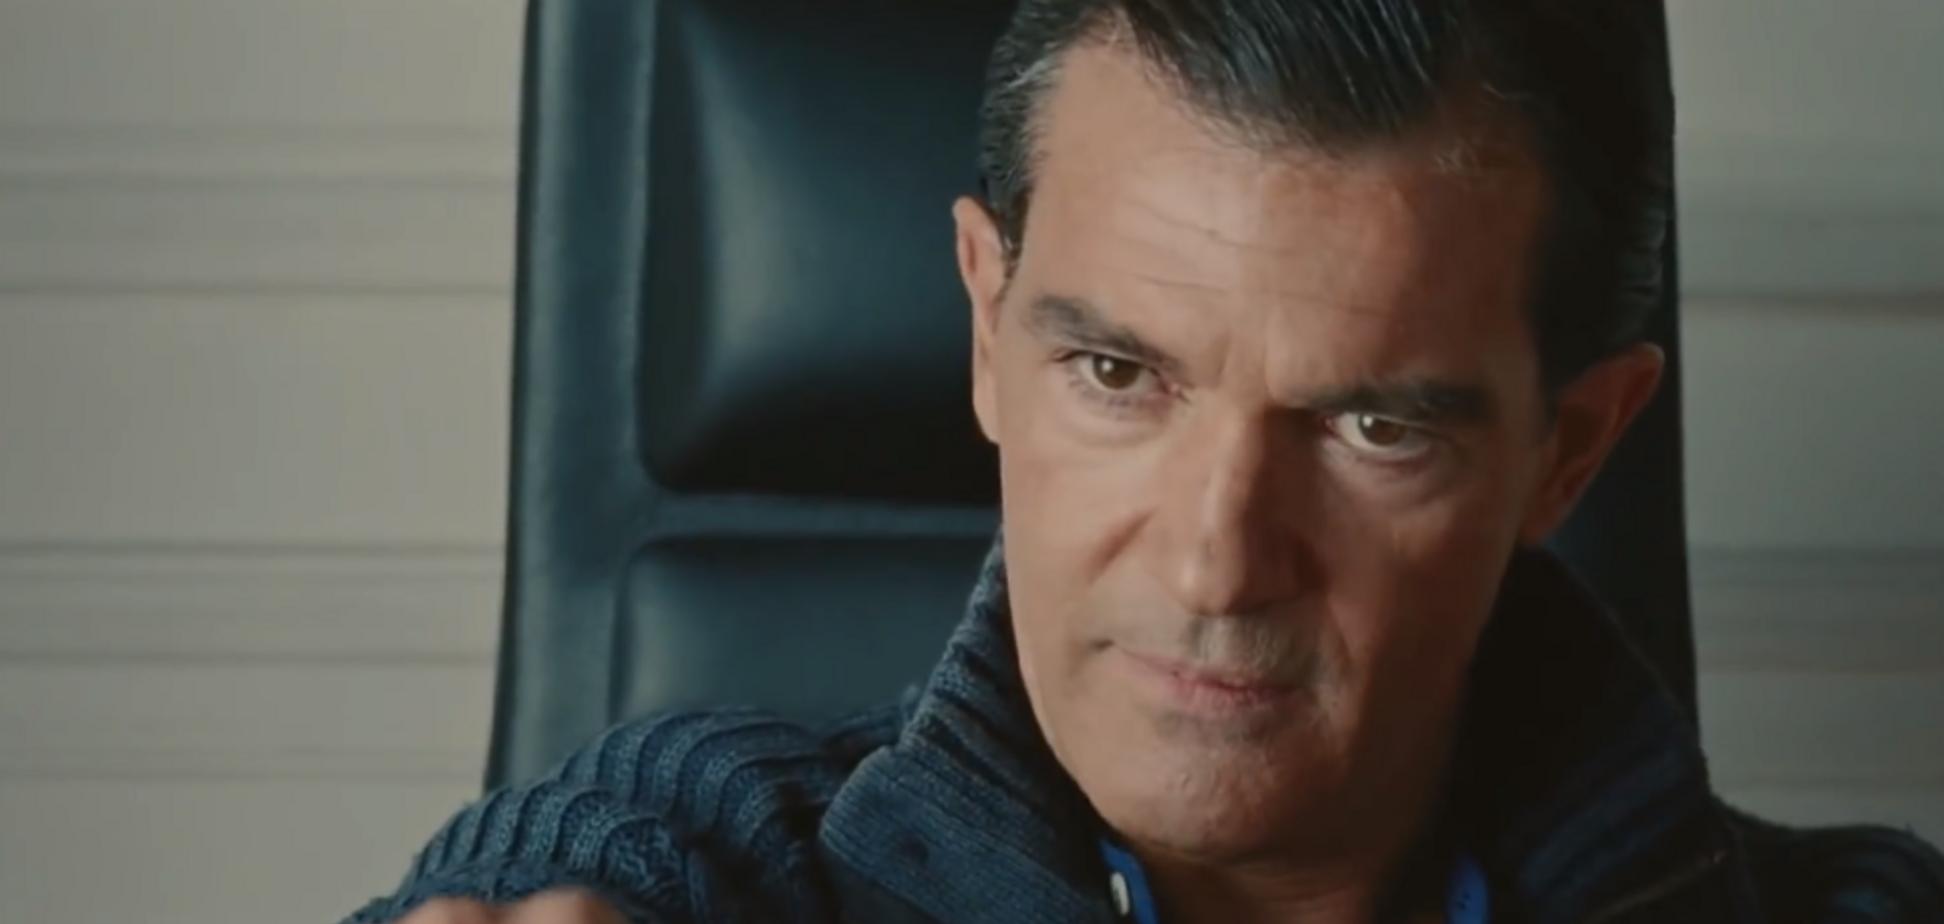 Антонио Бандерасу – 59: как постарел роковой красавчик Голливуда